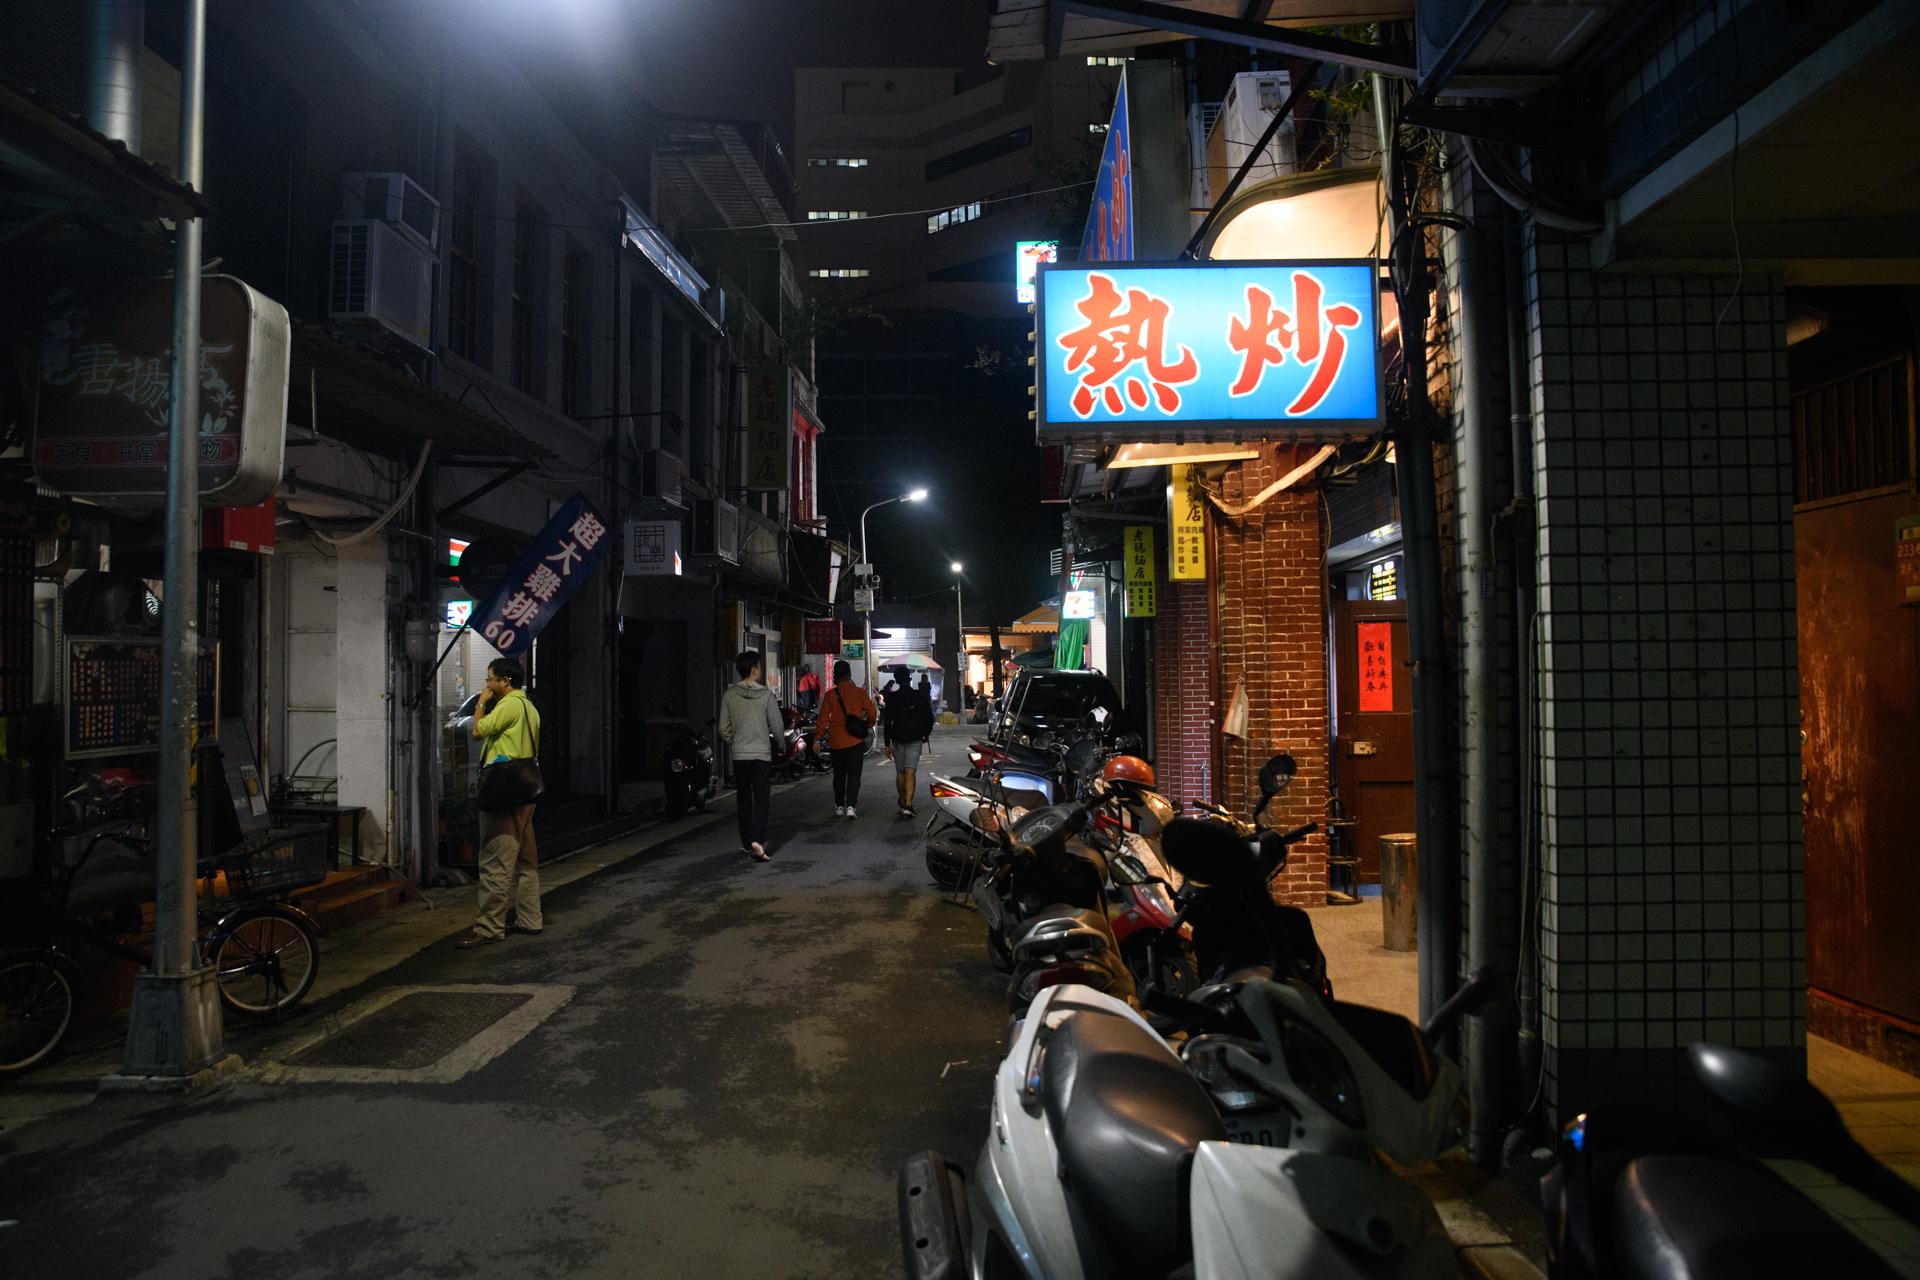 台湾 台北 寧夏路夜市 孤独のグルメ D850+SP 24-70mm F/2.8 Di VC USD G2